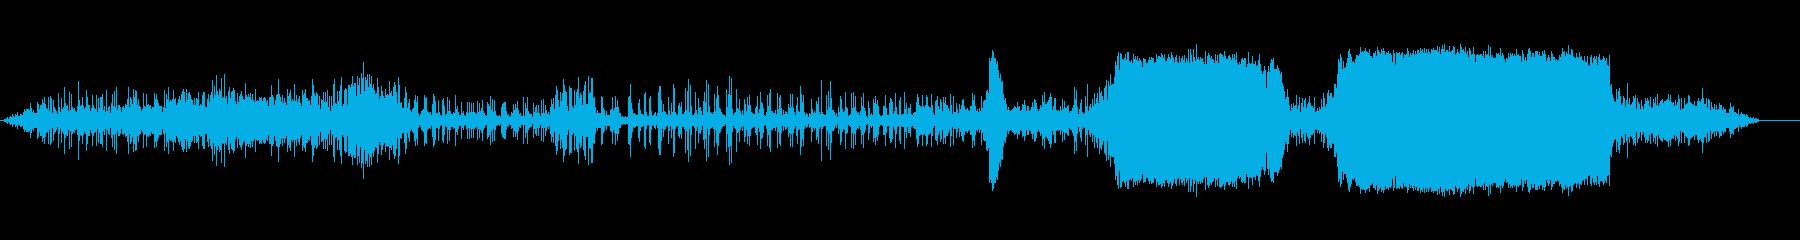 ドラッグスターはスタートラインでア...の再生済みの波形